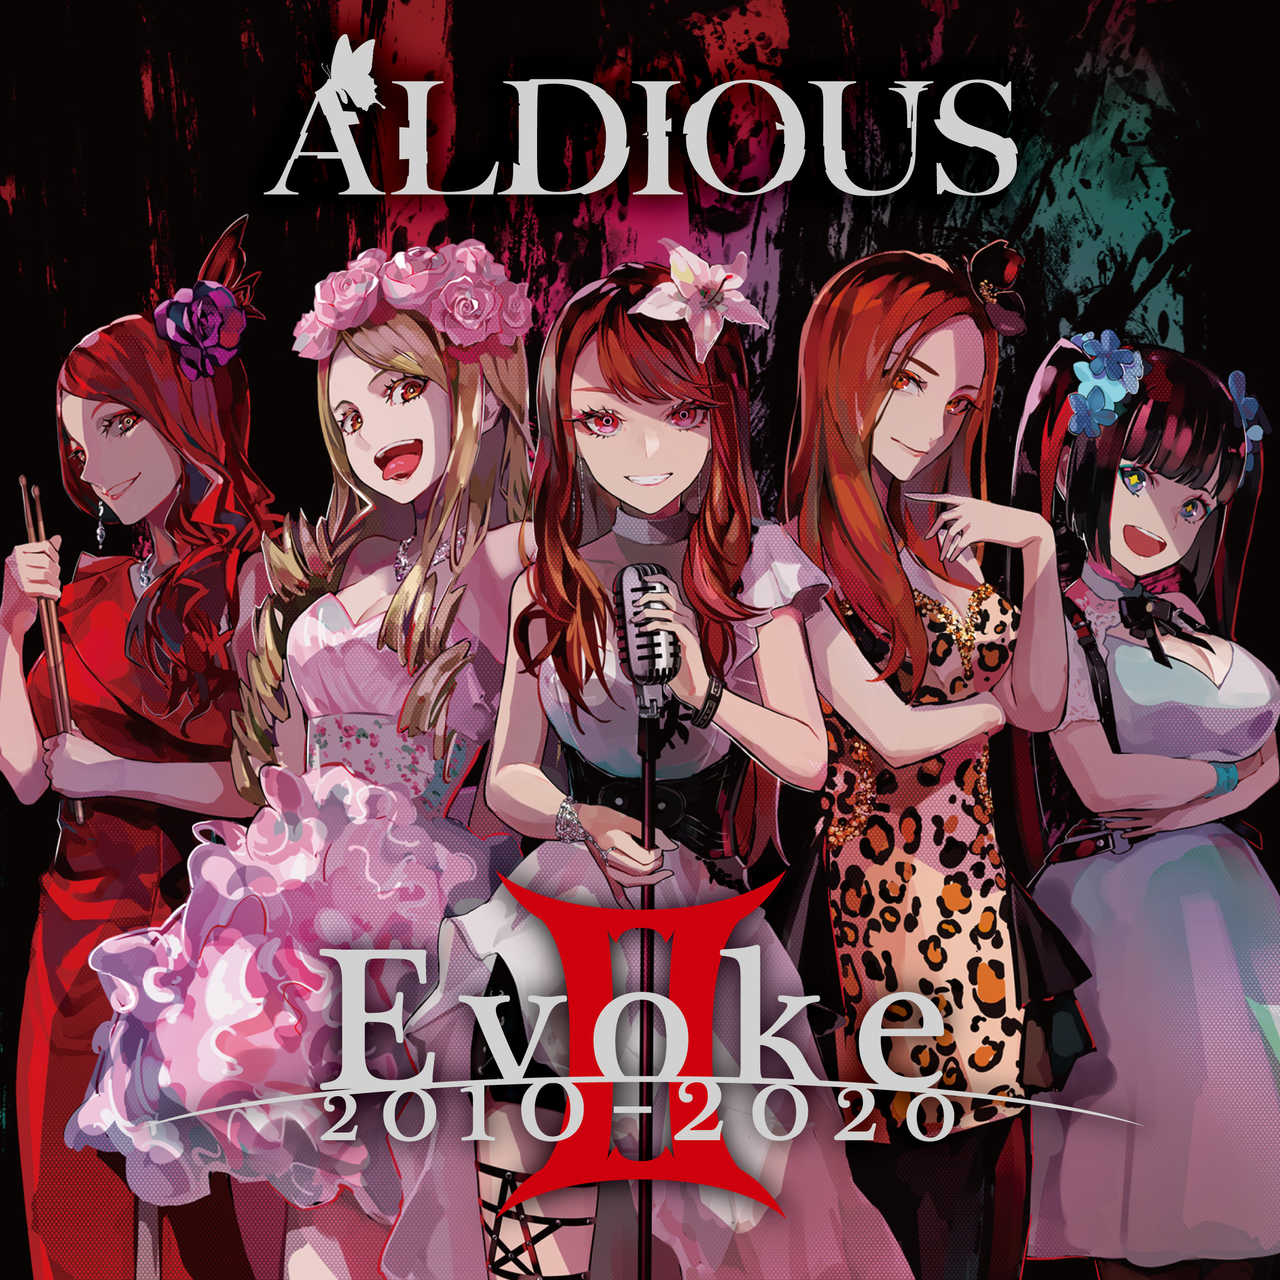 アルバム『EvokeⅡ 2010-2020』